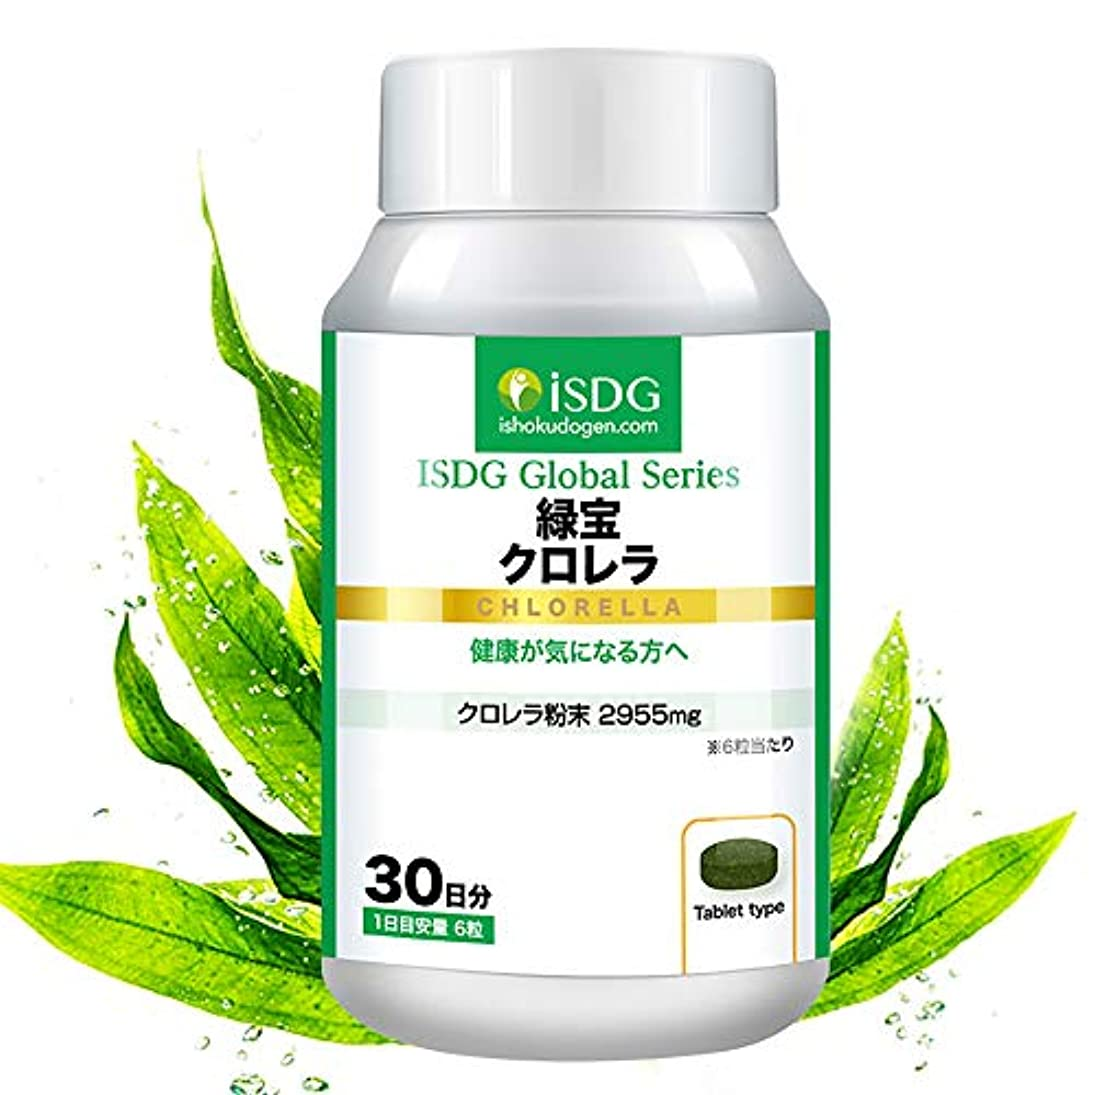 ホップ終了する永遠のISDG 緑宝 クロレラ 180粒/ボトル